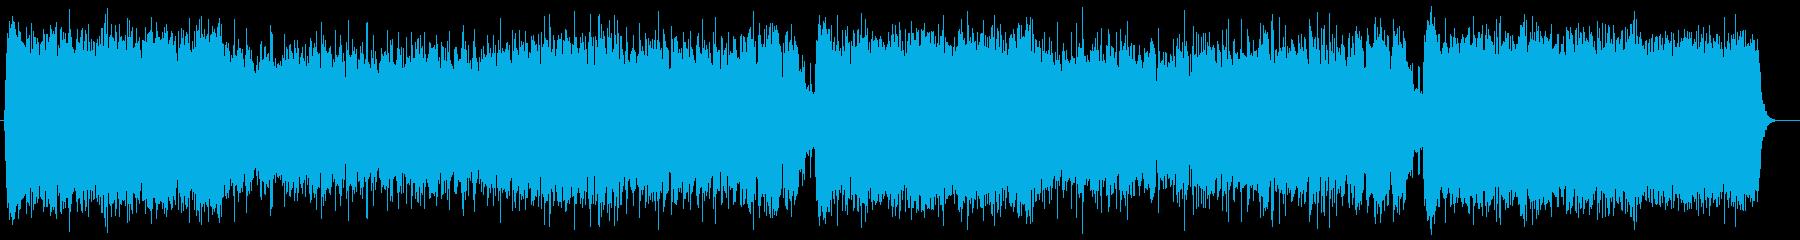 シンセサイザーの壮大でポジティブなBGMの再生済みの波形